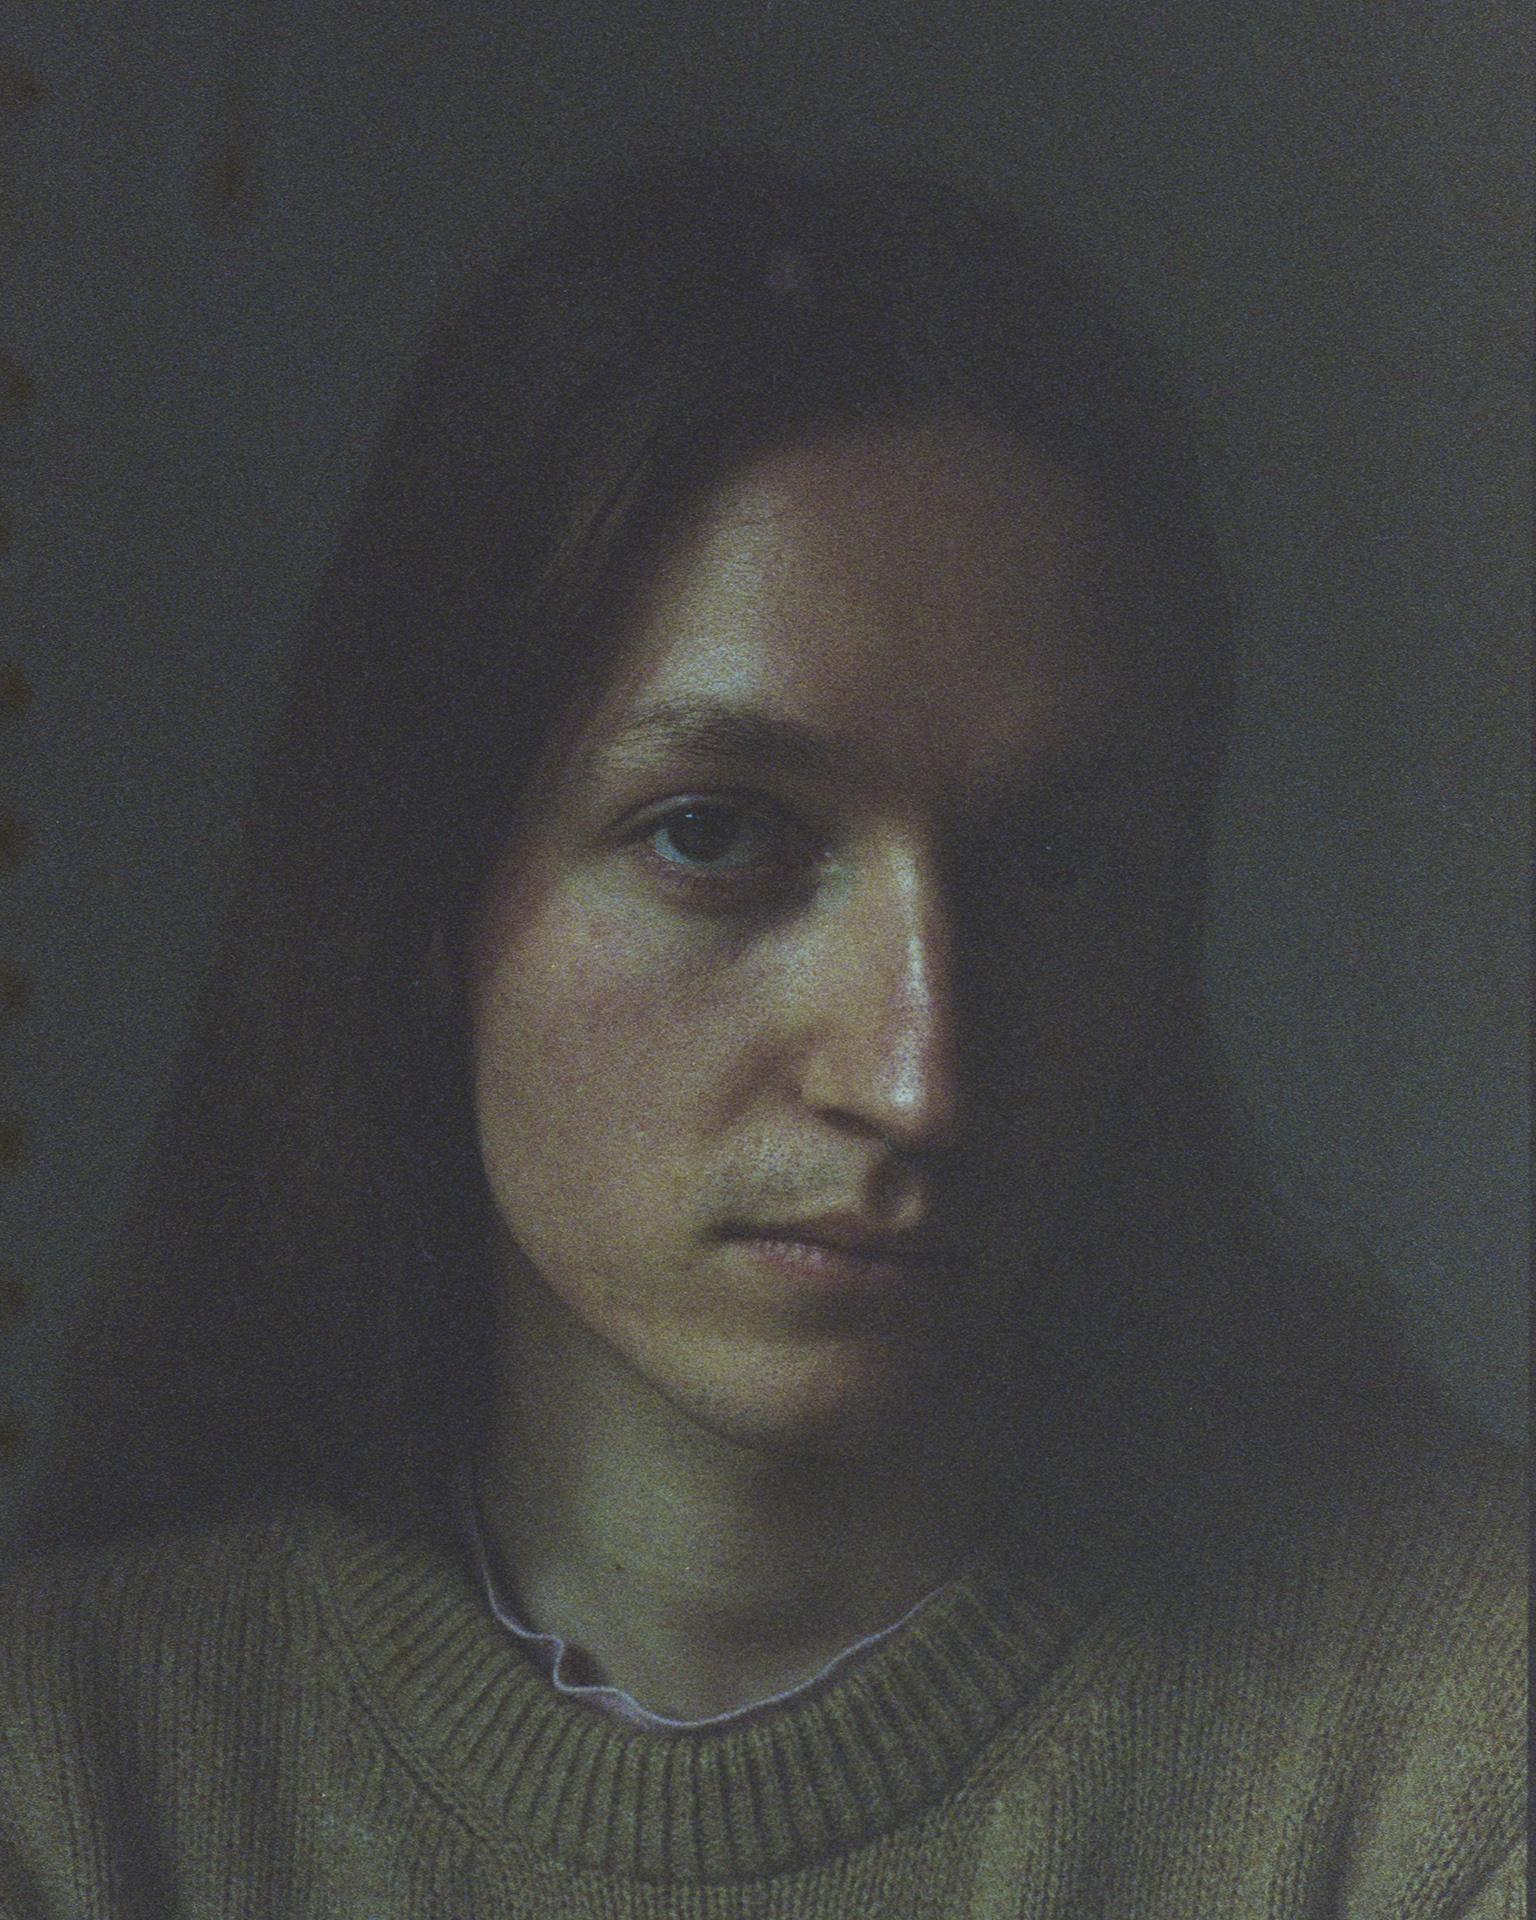 Altes Portrait mit spezieller Bildbearbeitung